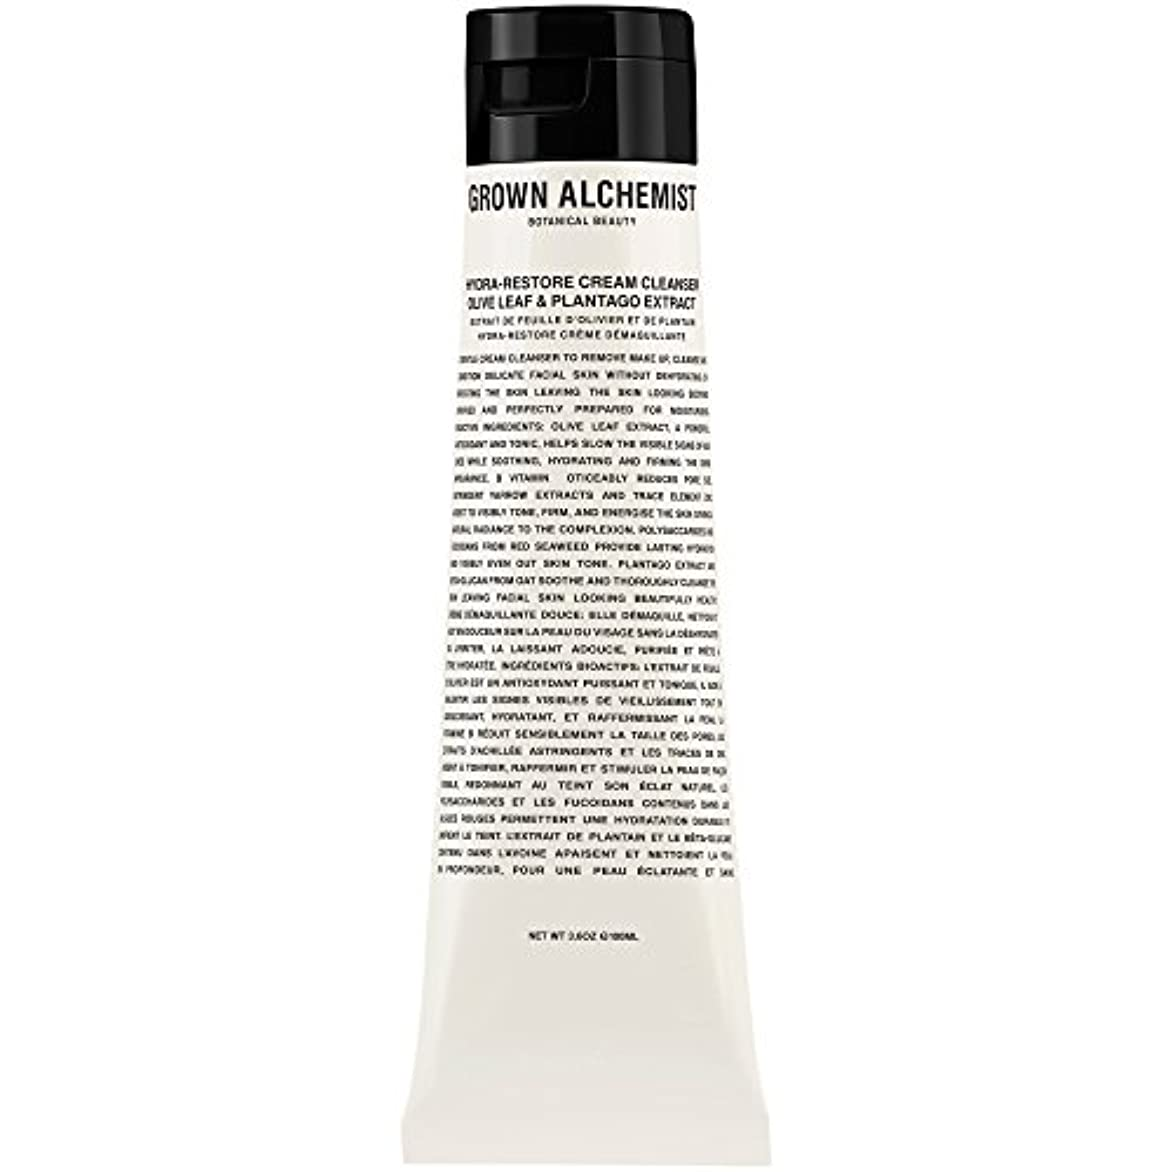 献身自伝赤道オリーブの葉&Plantogoエキス、100ミリリットル:成長した錬金術師クリームクレンザーをヒドラ復元 (Grown Alchemist) - Grown Alchemist Hydra-Restore Cream Cleanser...